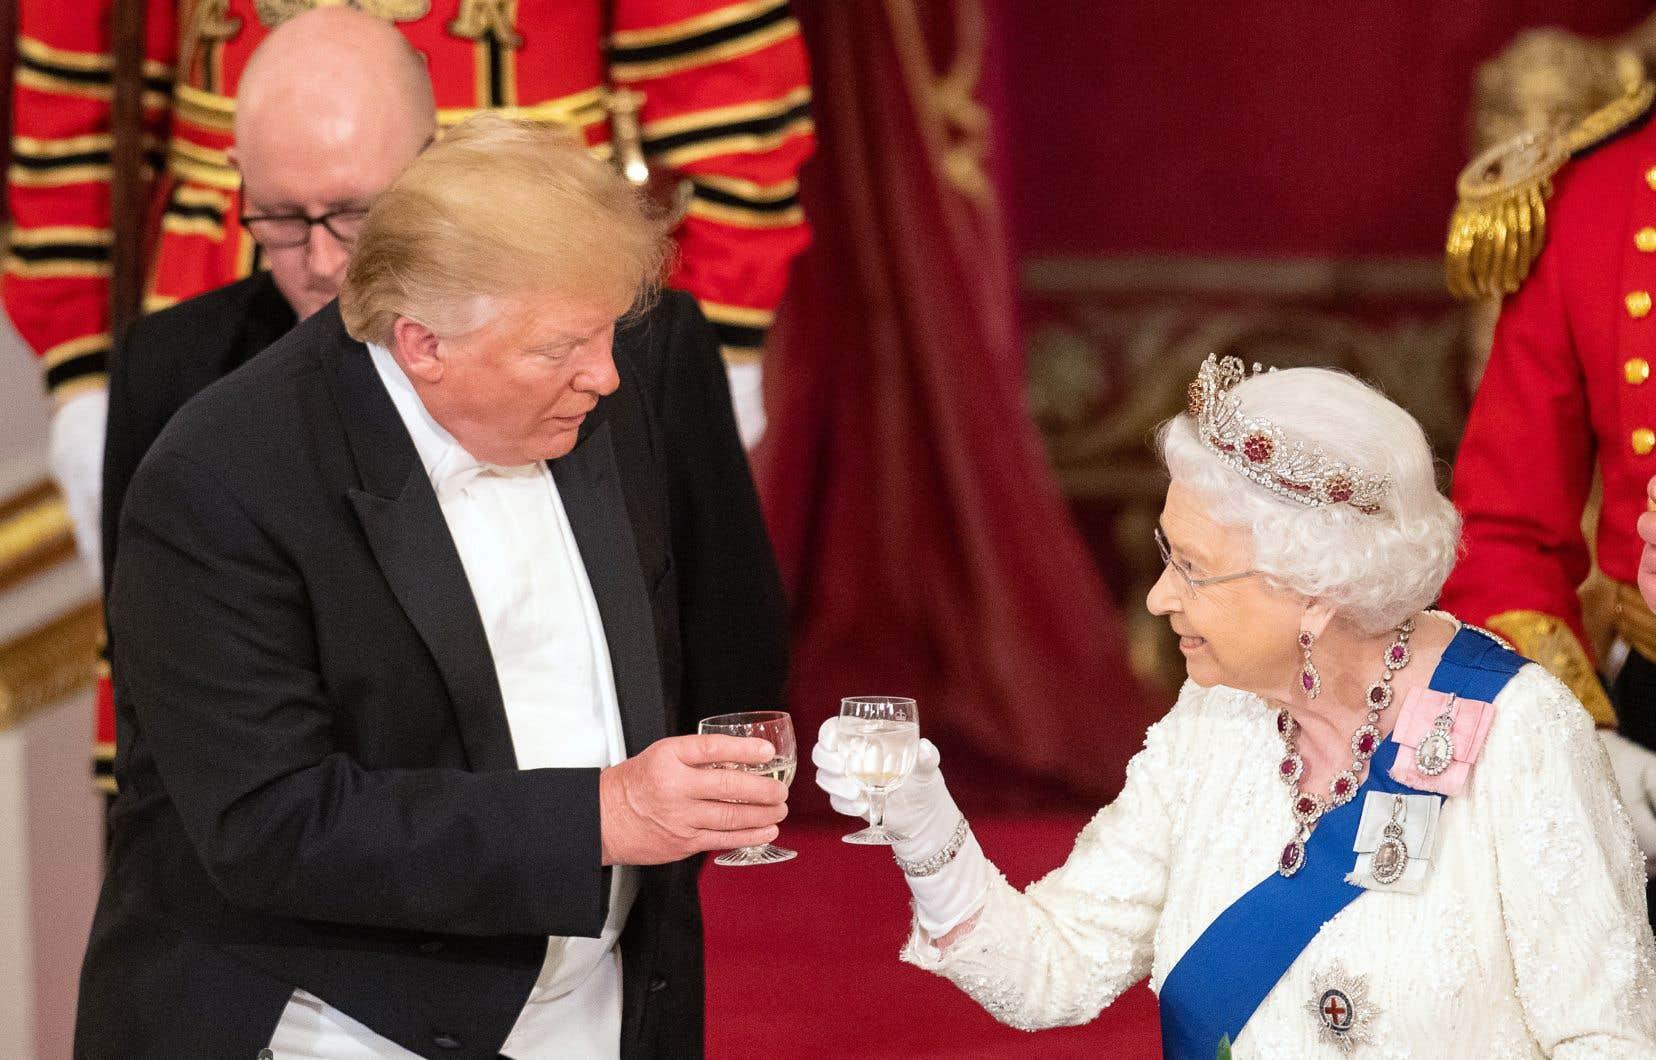 Le président américain, Donald Trump, et Élisabeth II trinquant lors du banquet que la reine a donné lundi soir